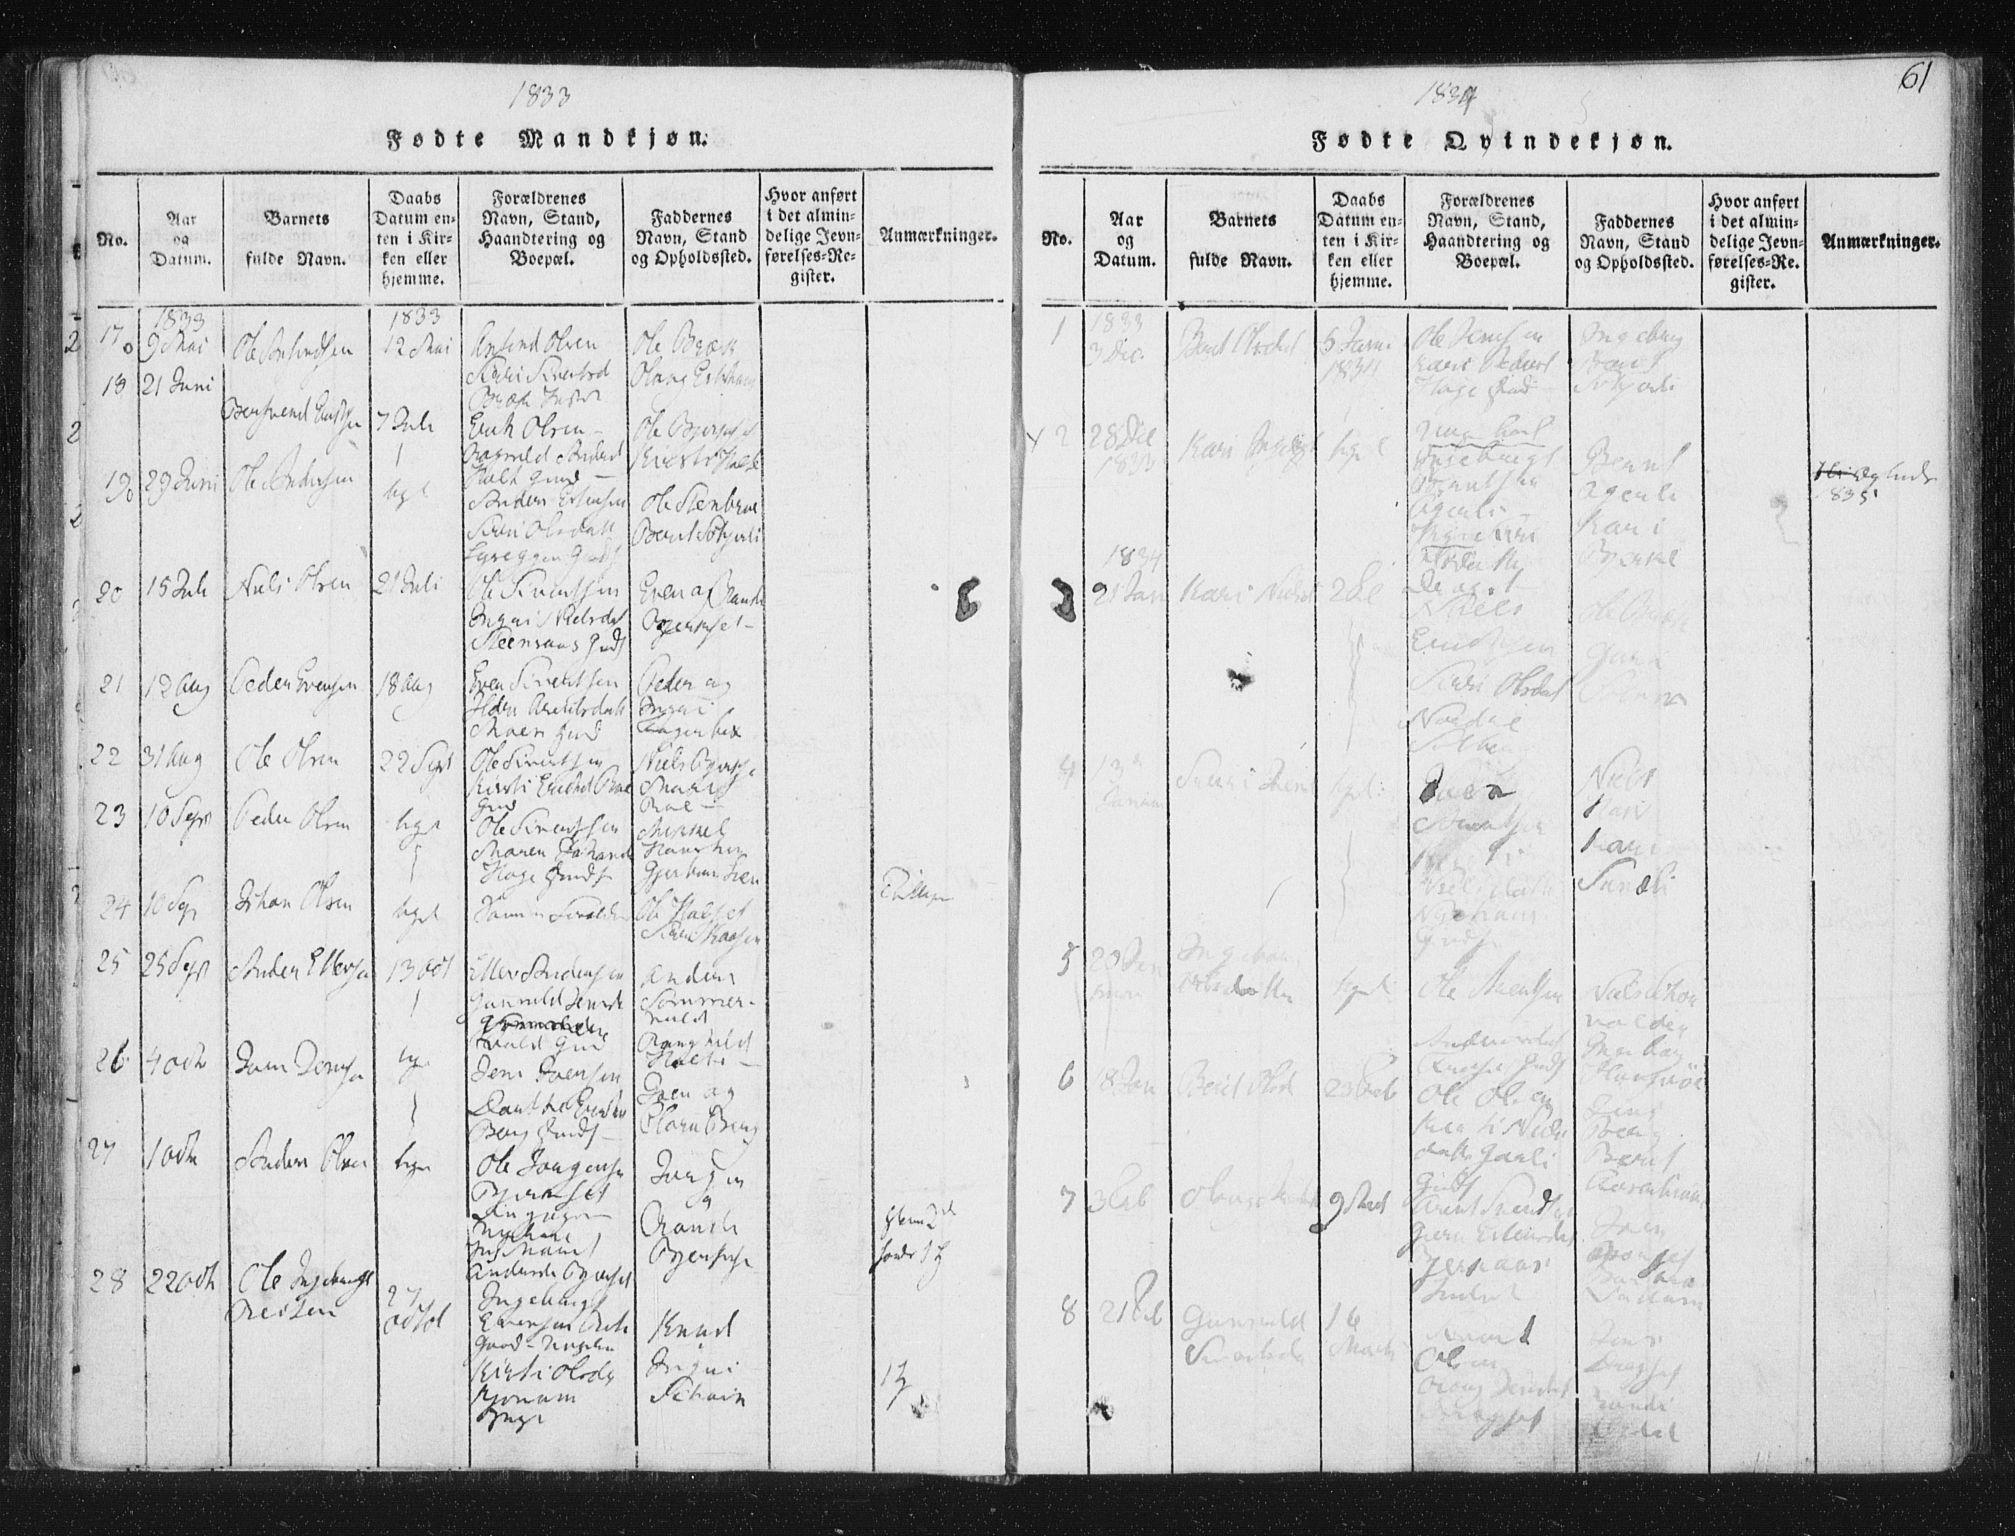 SAT, Ministerialprotokoller, klokkerbøker og fødselsregistre - Sør-Trøndelag, 689/L1037: Ministerialbok nr. 689A02, 1816-1842, s. 61